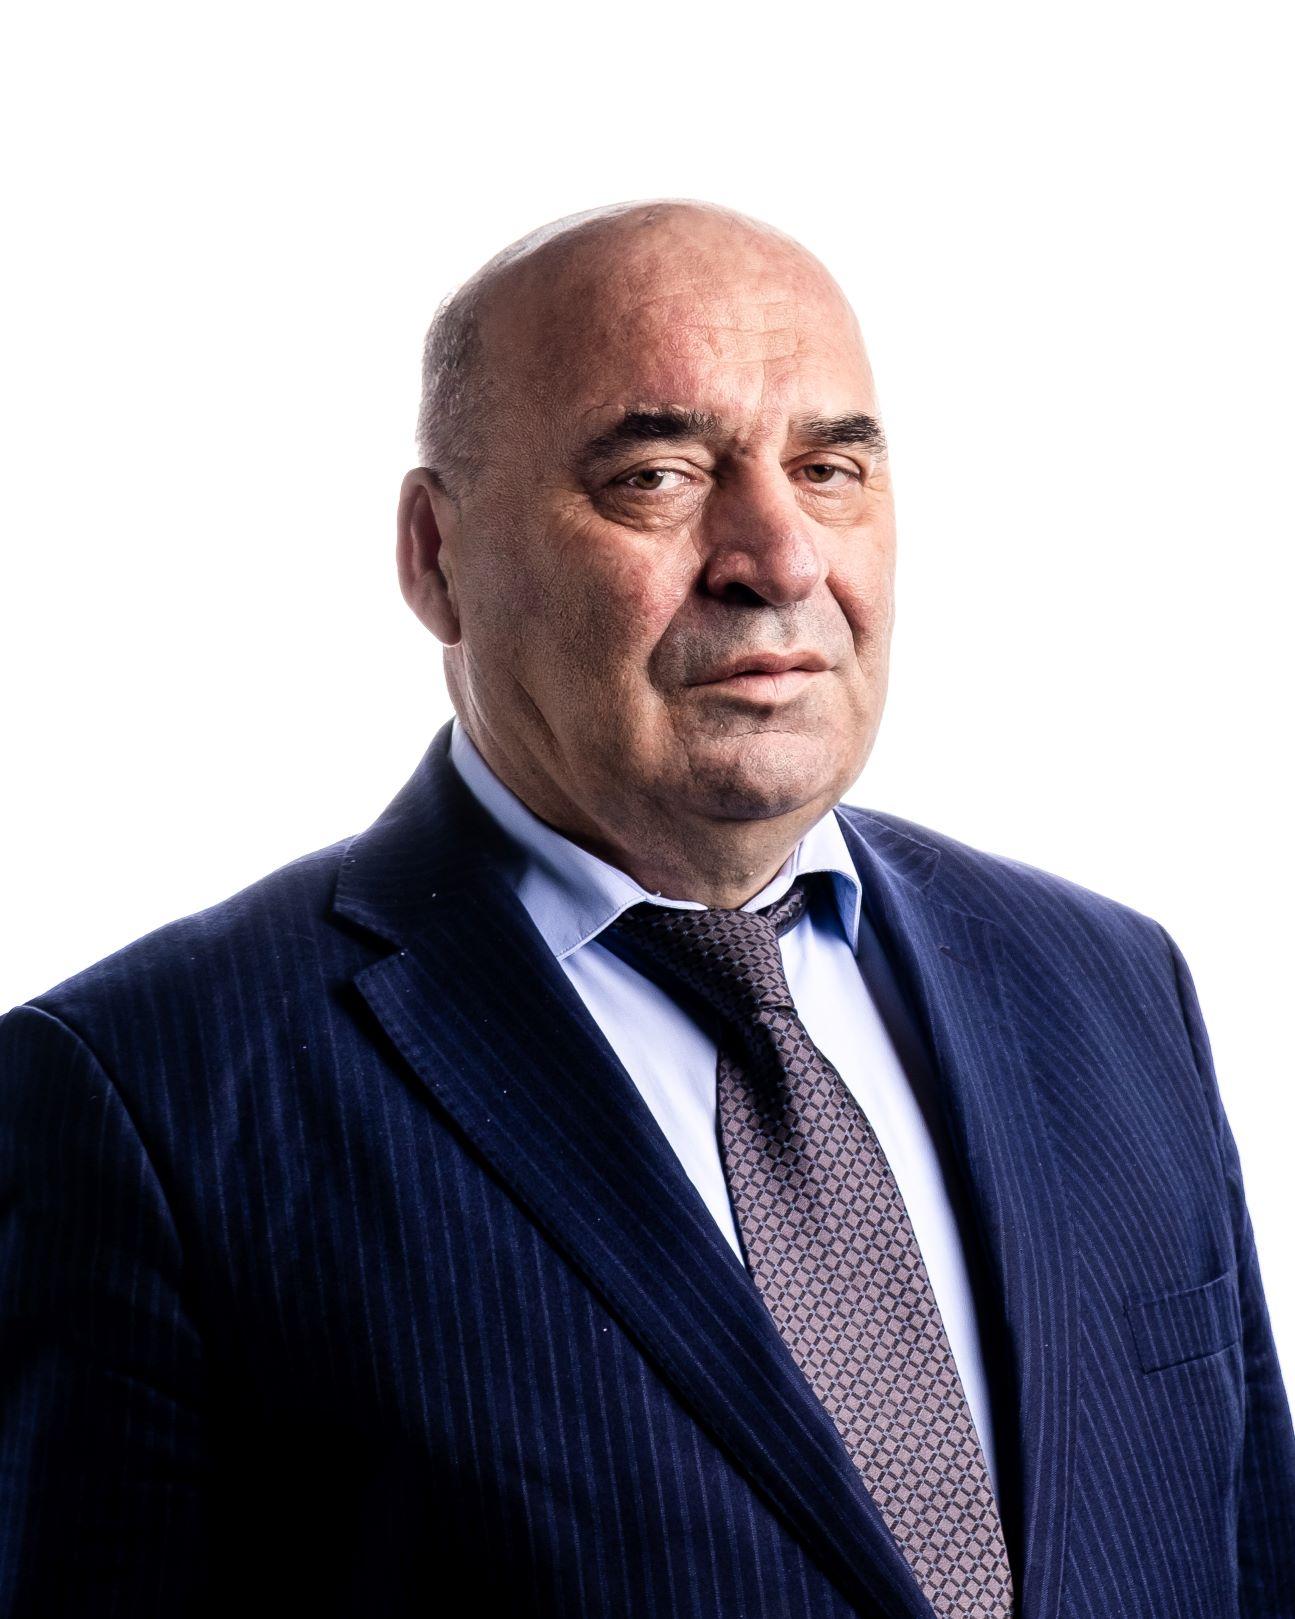 Муртазаев Сайд-Альви Юсупович